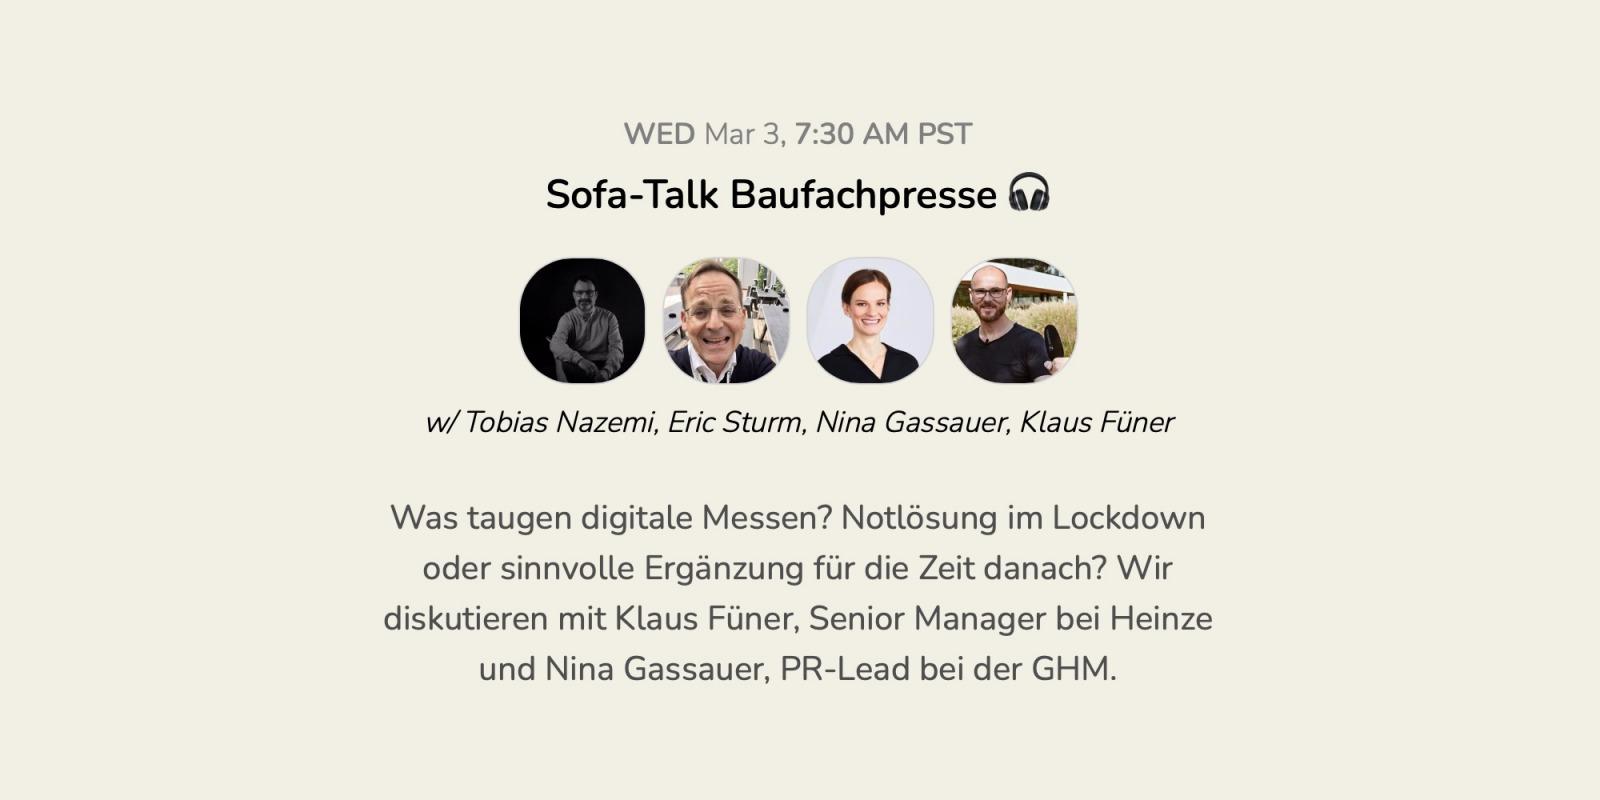 """Die Event-Ankündigung für unsern Talk zur """"Zukunft der Baufachmessen"""" auf Clubhouse (Screenshot, März 2021)"""